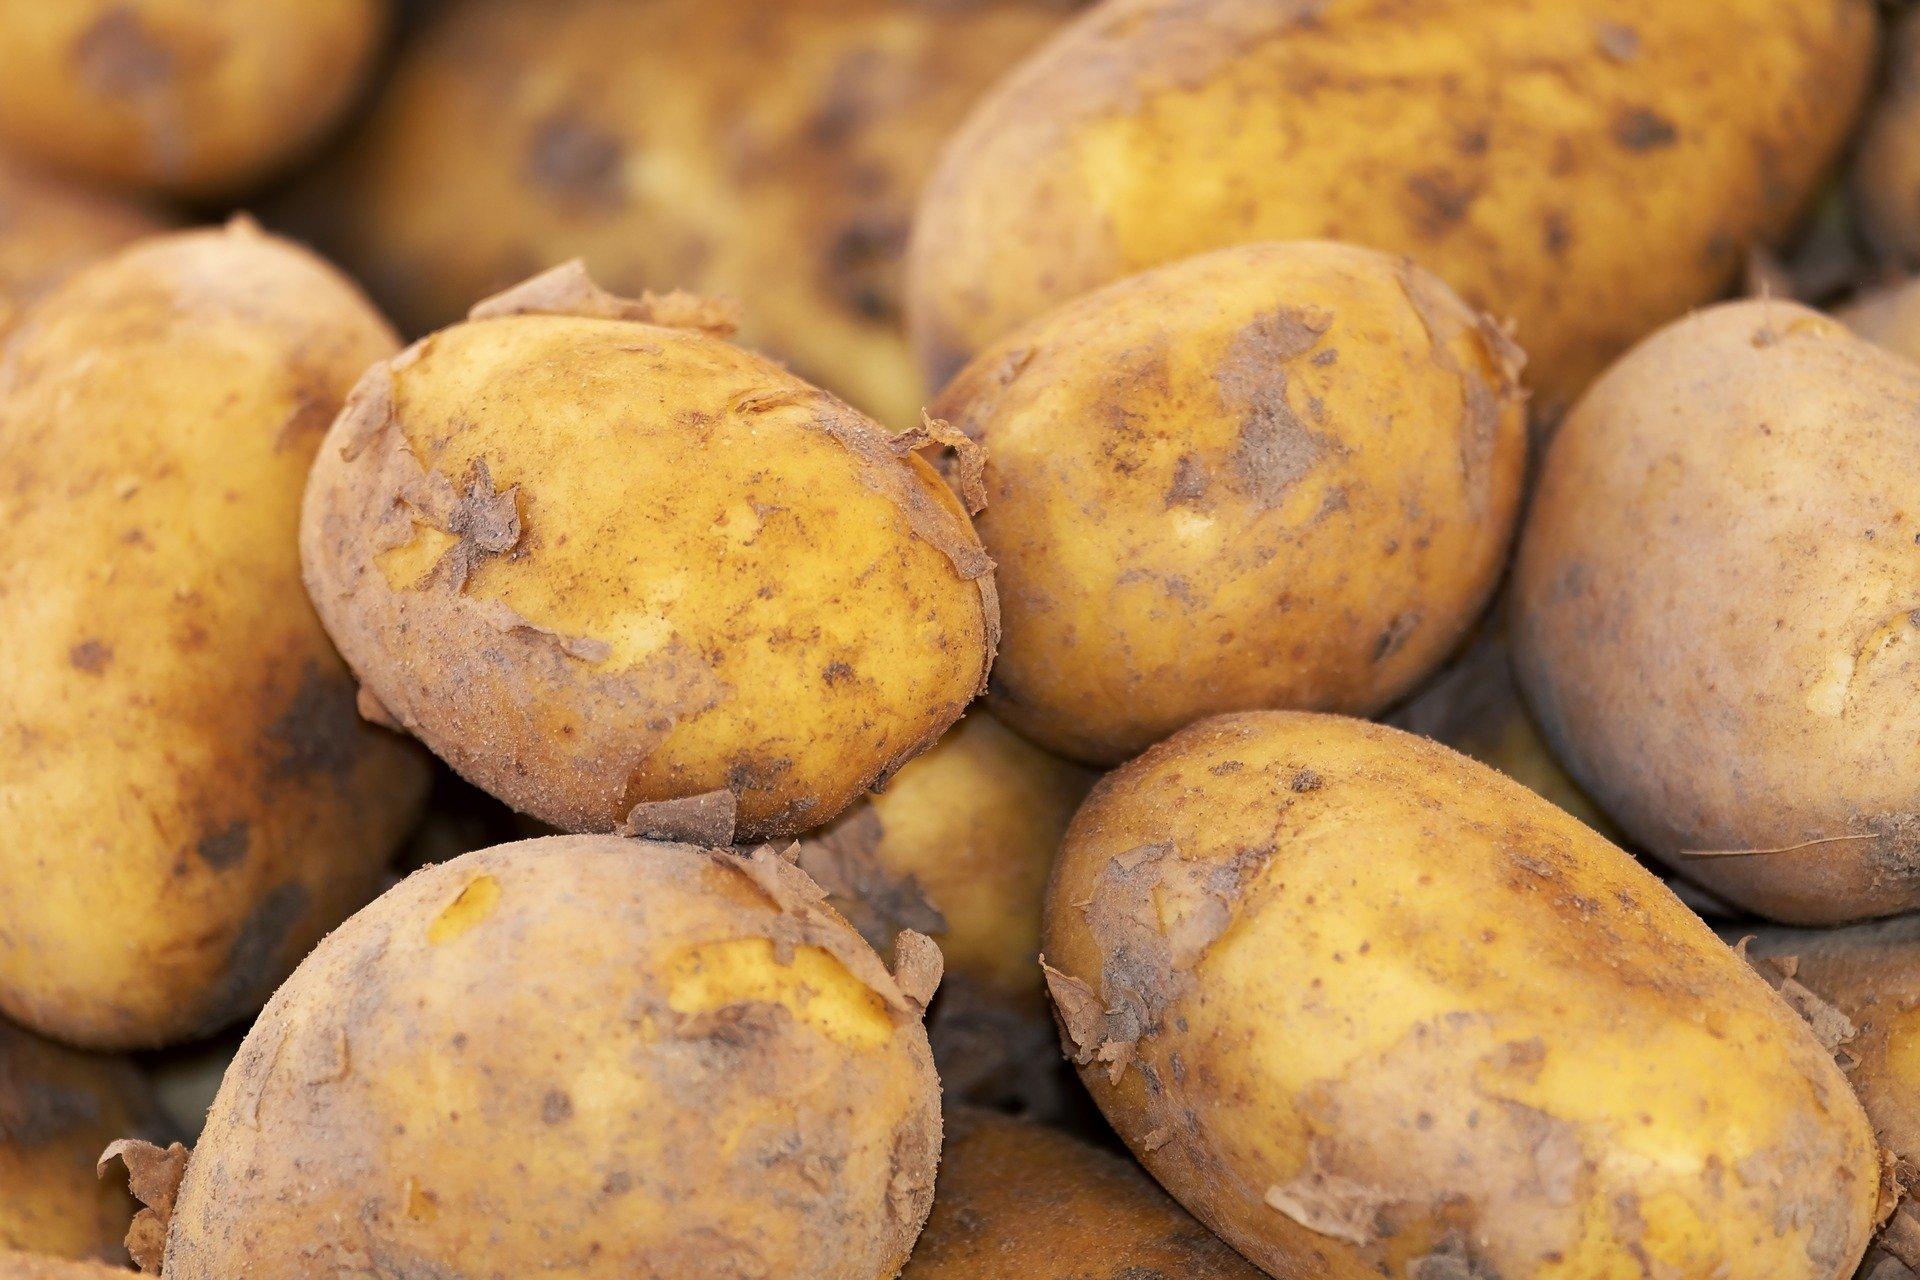 potato-3440360_1920